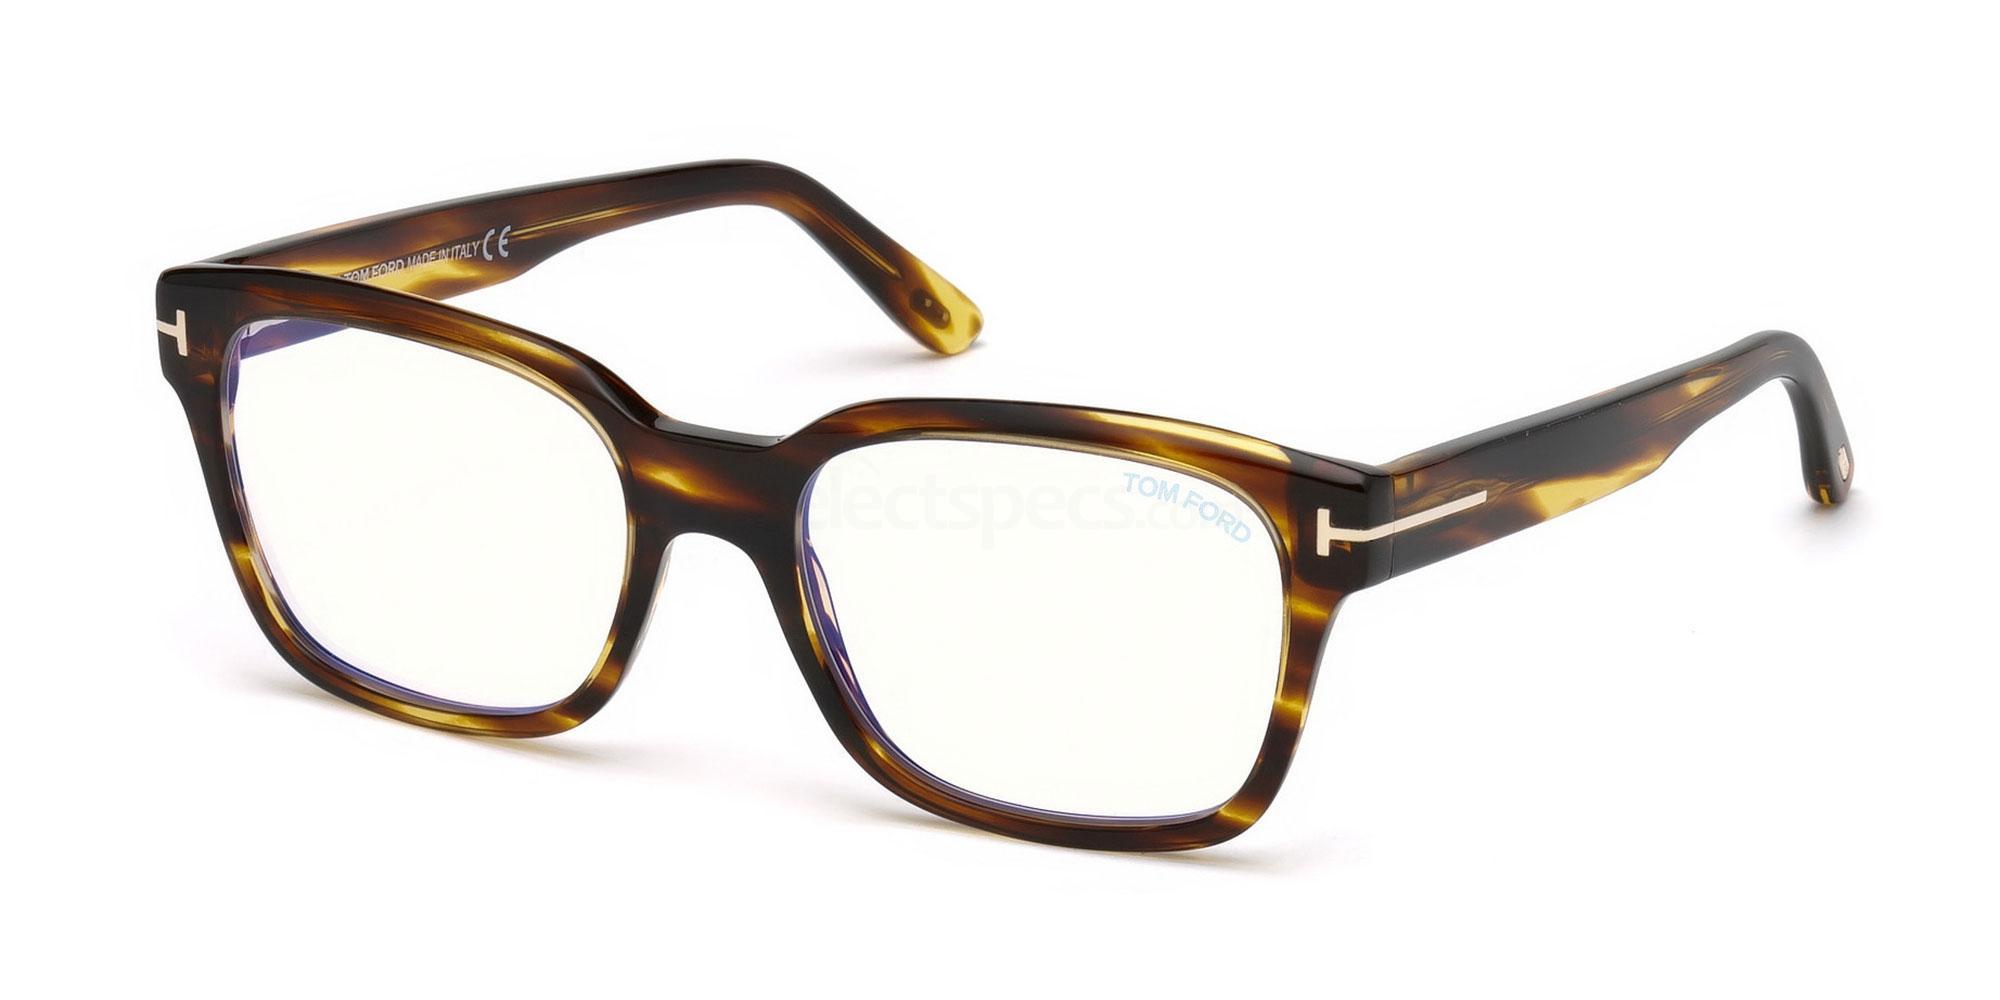 048 FT5535-B Glasses, Tom Ford